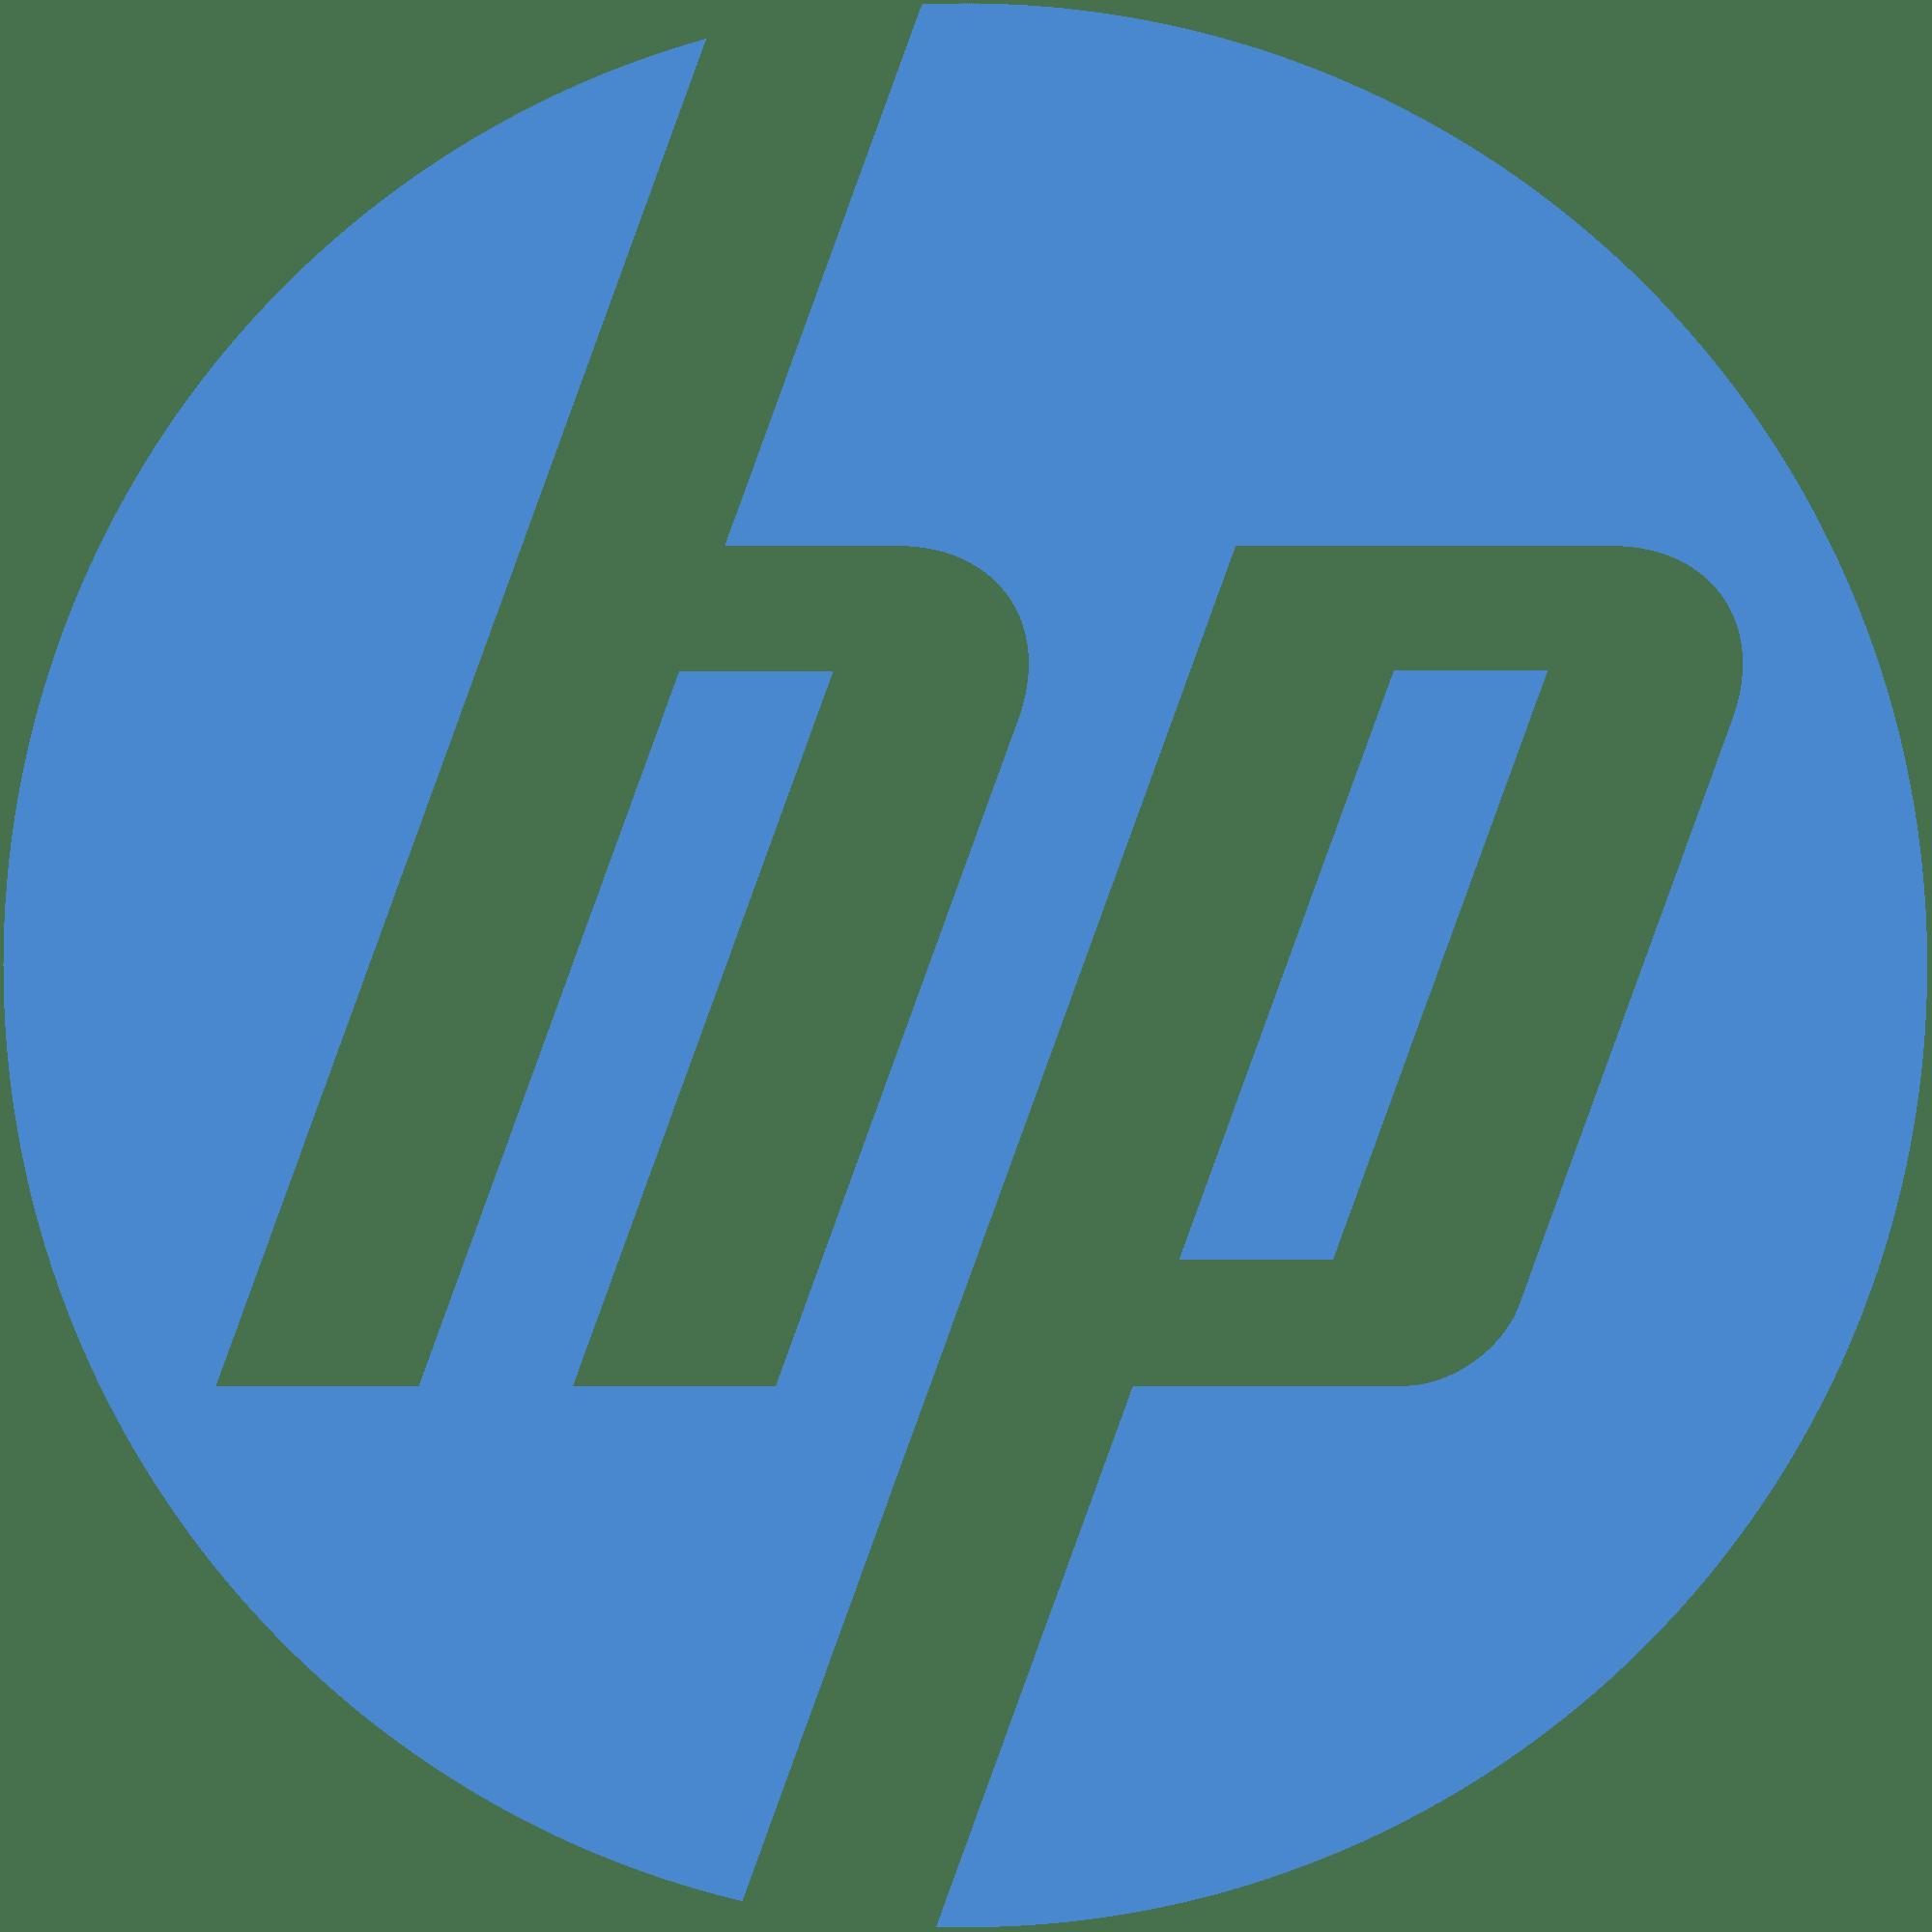 HP 2010i 20-inch Diagonal LCD Monitor drivers